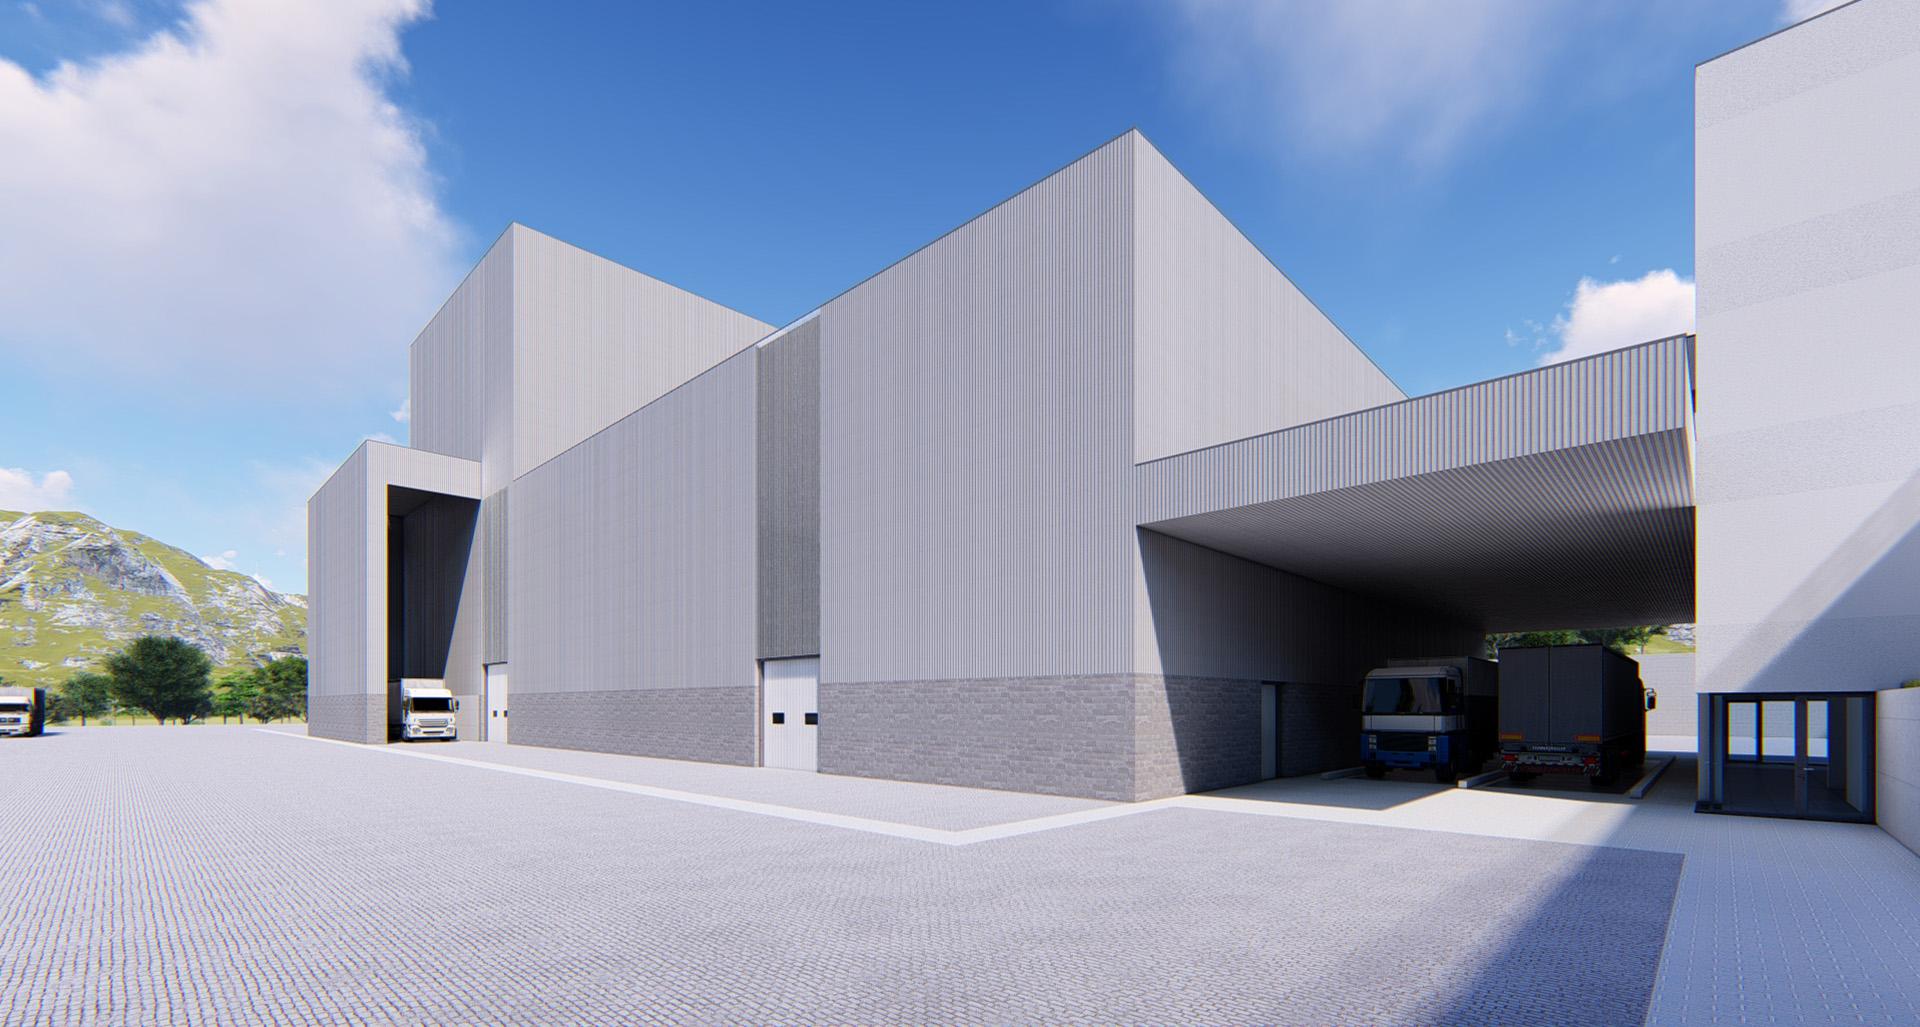 Adjudicação da nova unidade industrial da Cooperativa Agrícola de Vila do Conde